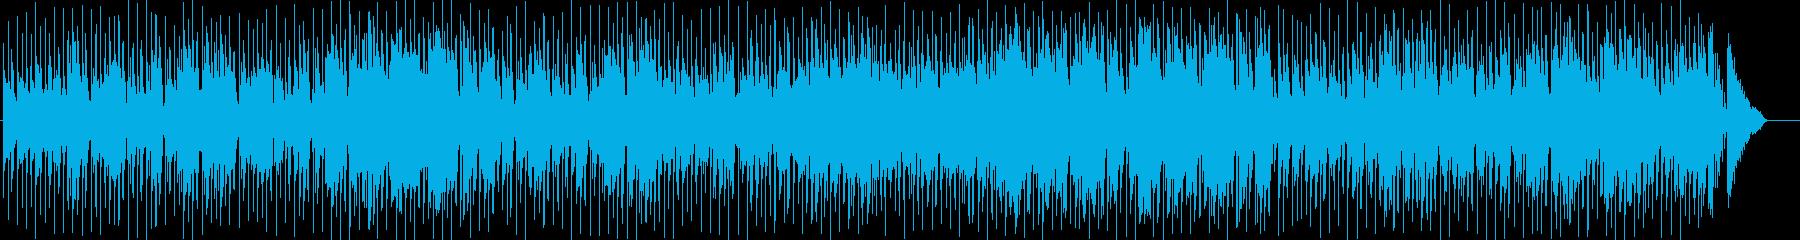 ミディアム・バラード系の洒落たサックスの再生済みの波形